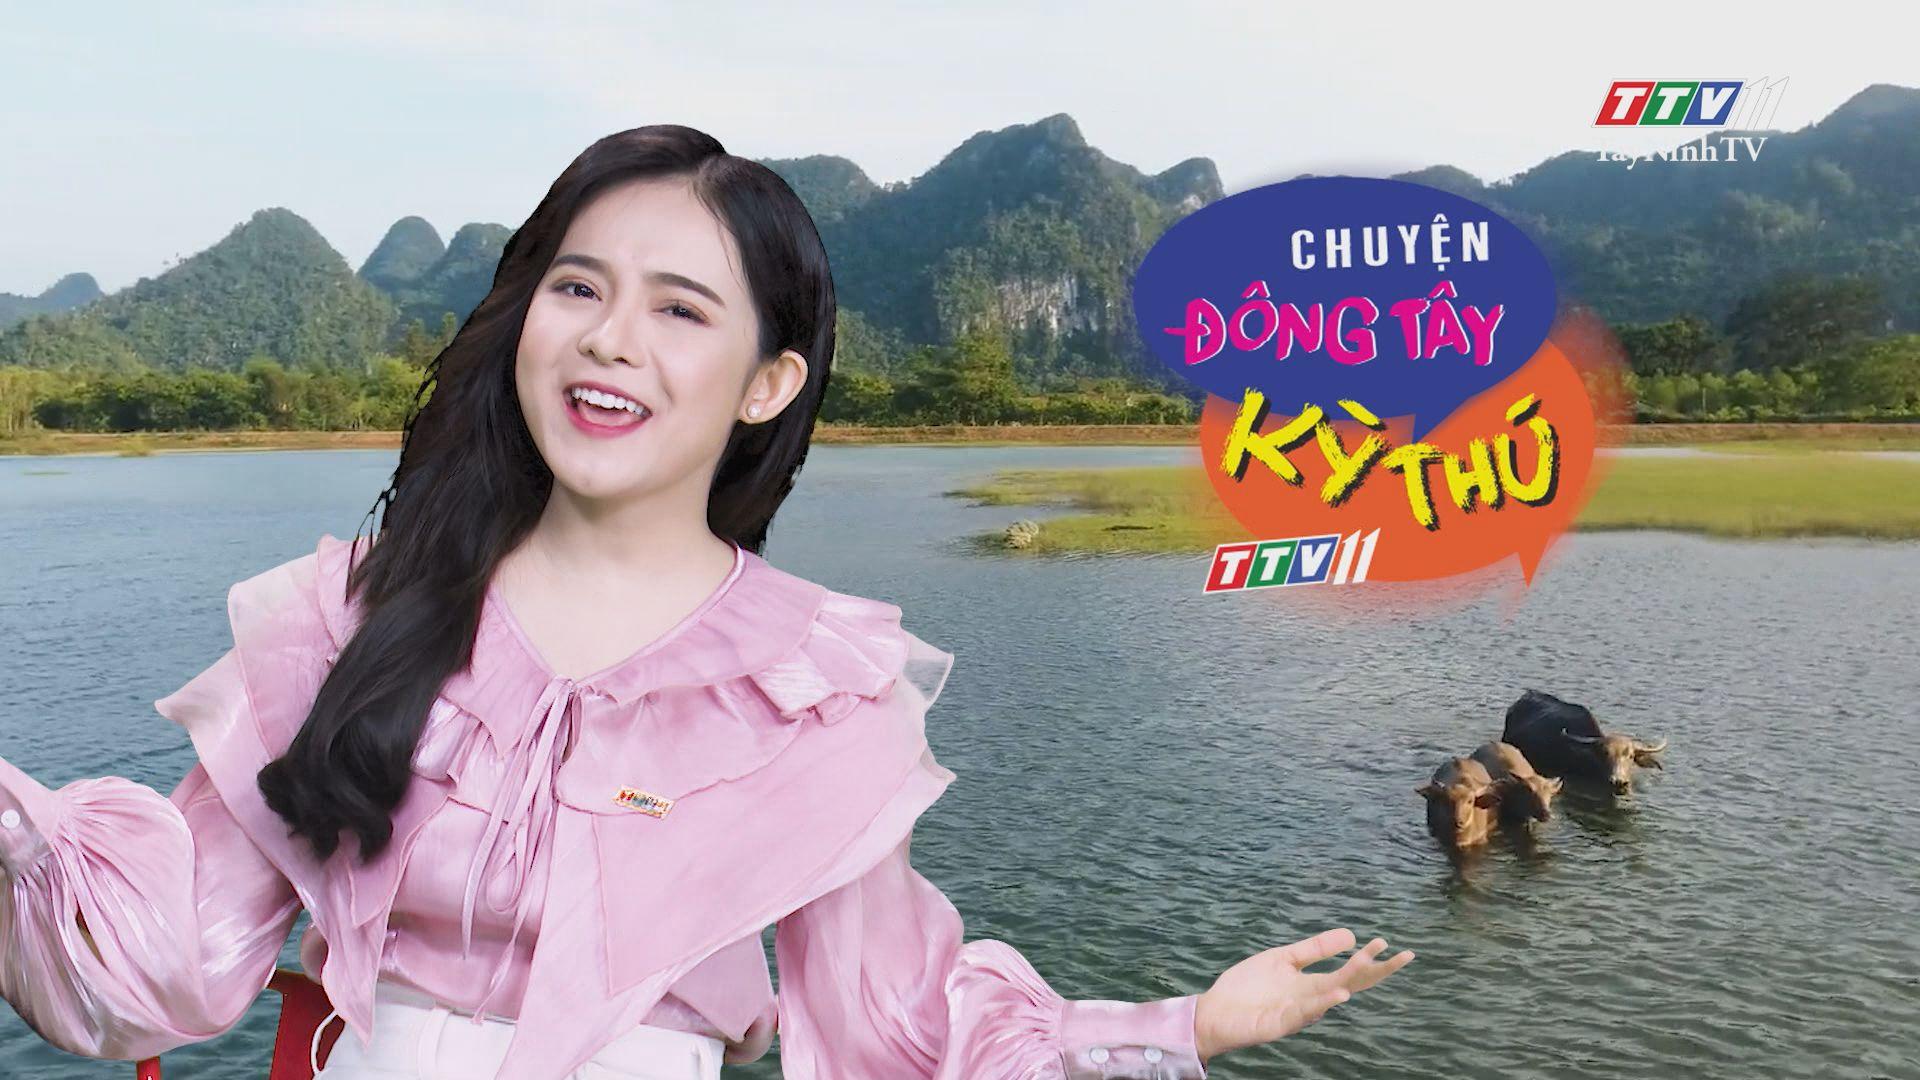 Chuyện Đông Tây Kỳ Thú 11-7-2020 | TayNinhTV